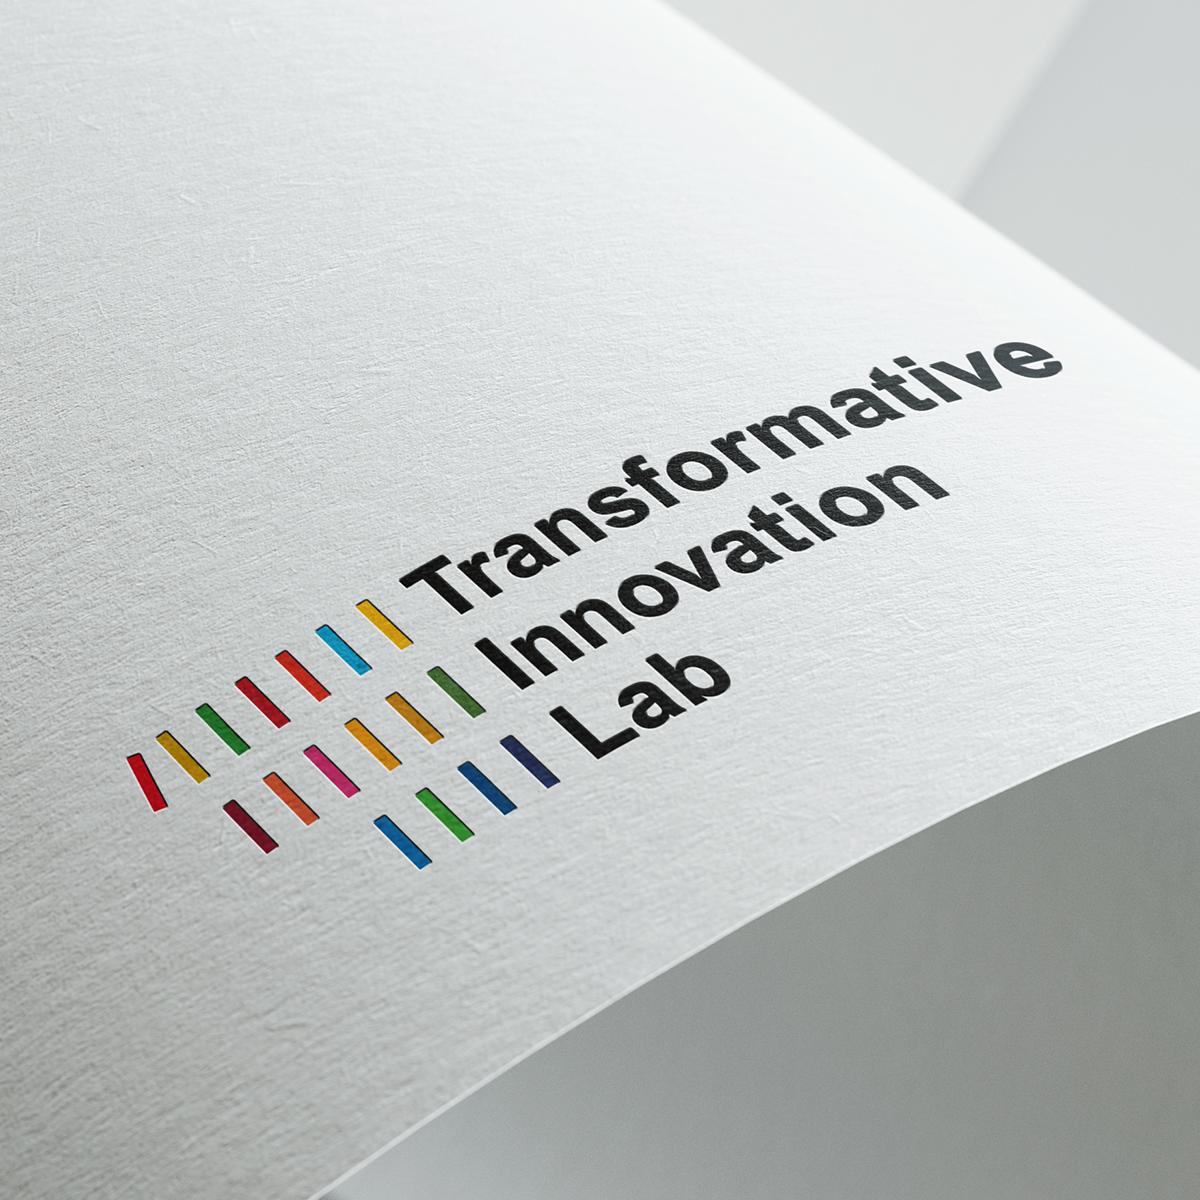 Transformation Innovation Lab